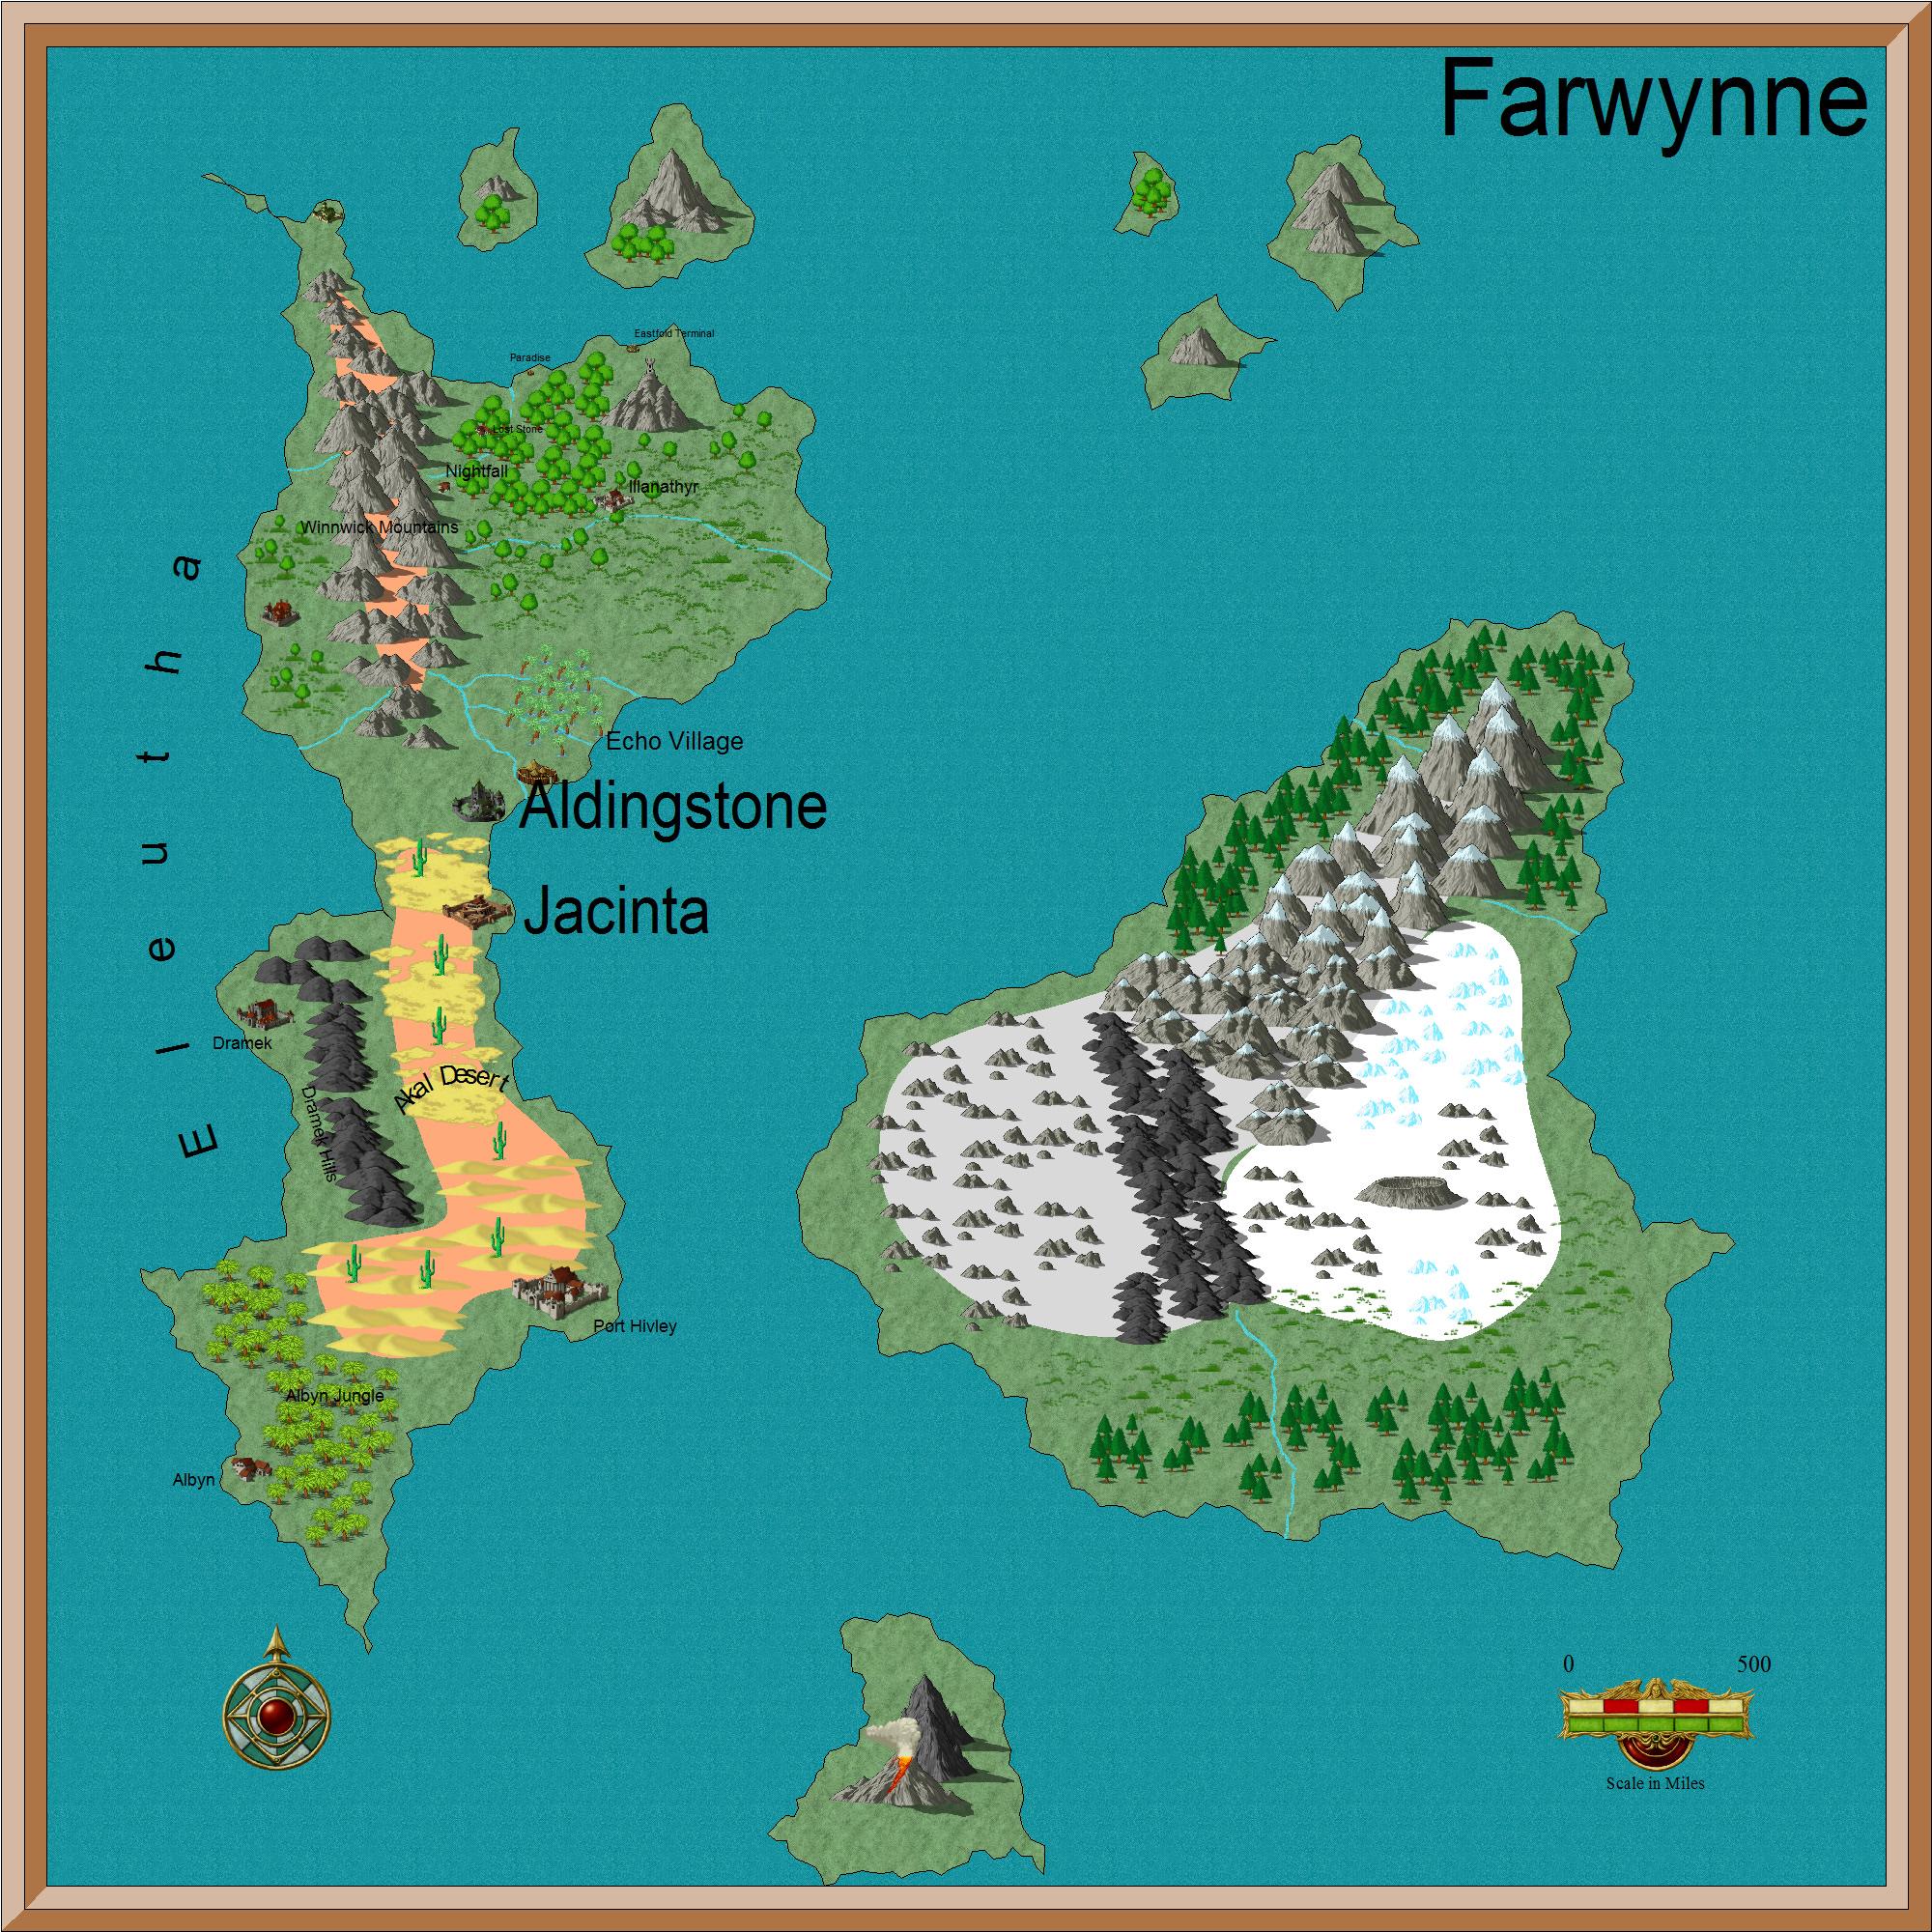 Farwynne.JPG